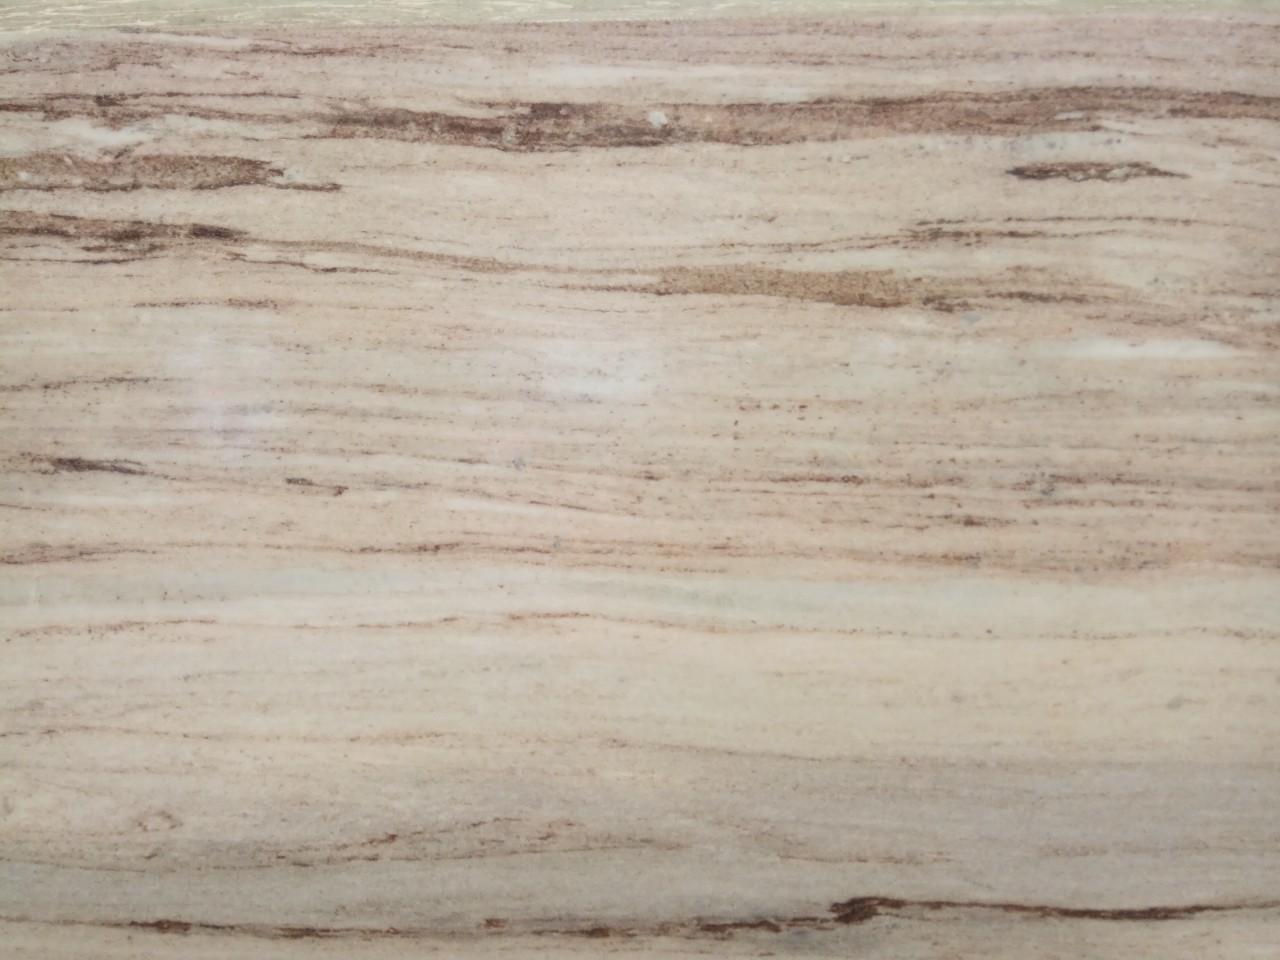 —海西售卖木纹品种最多商户 主营: 白木纹,灰木纹,蓝木纹,雅典木纹